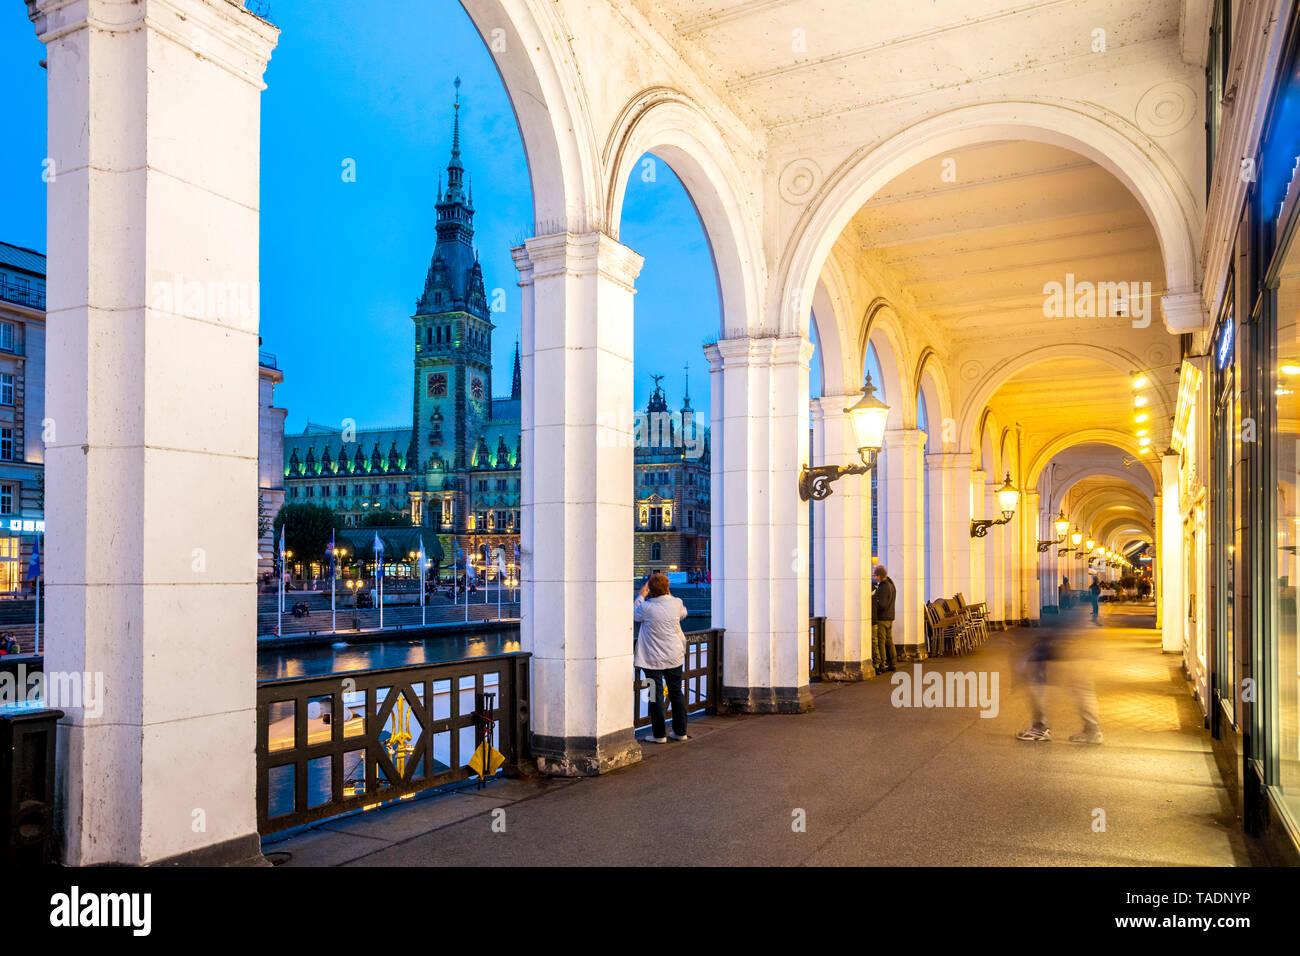 Alemania, Hamburgo, City Hall con lago Alster Foto de stock